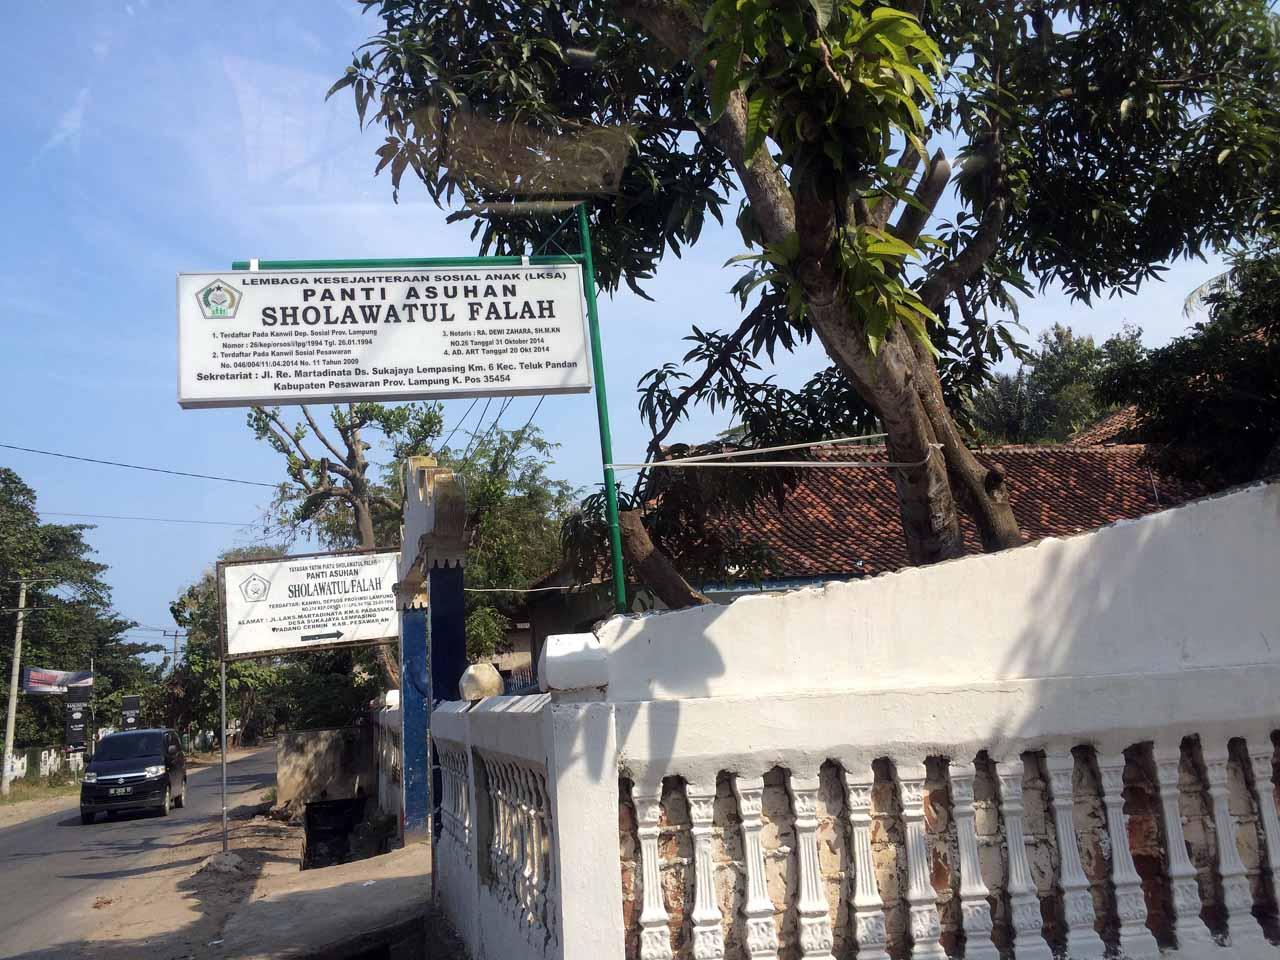 Munca Teropong Laut - Munca Lampung - Muncak Tirtayasa - Yopie Pangkey - 14